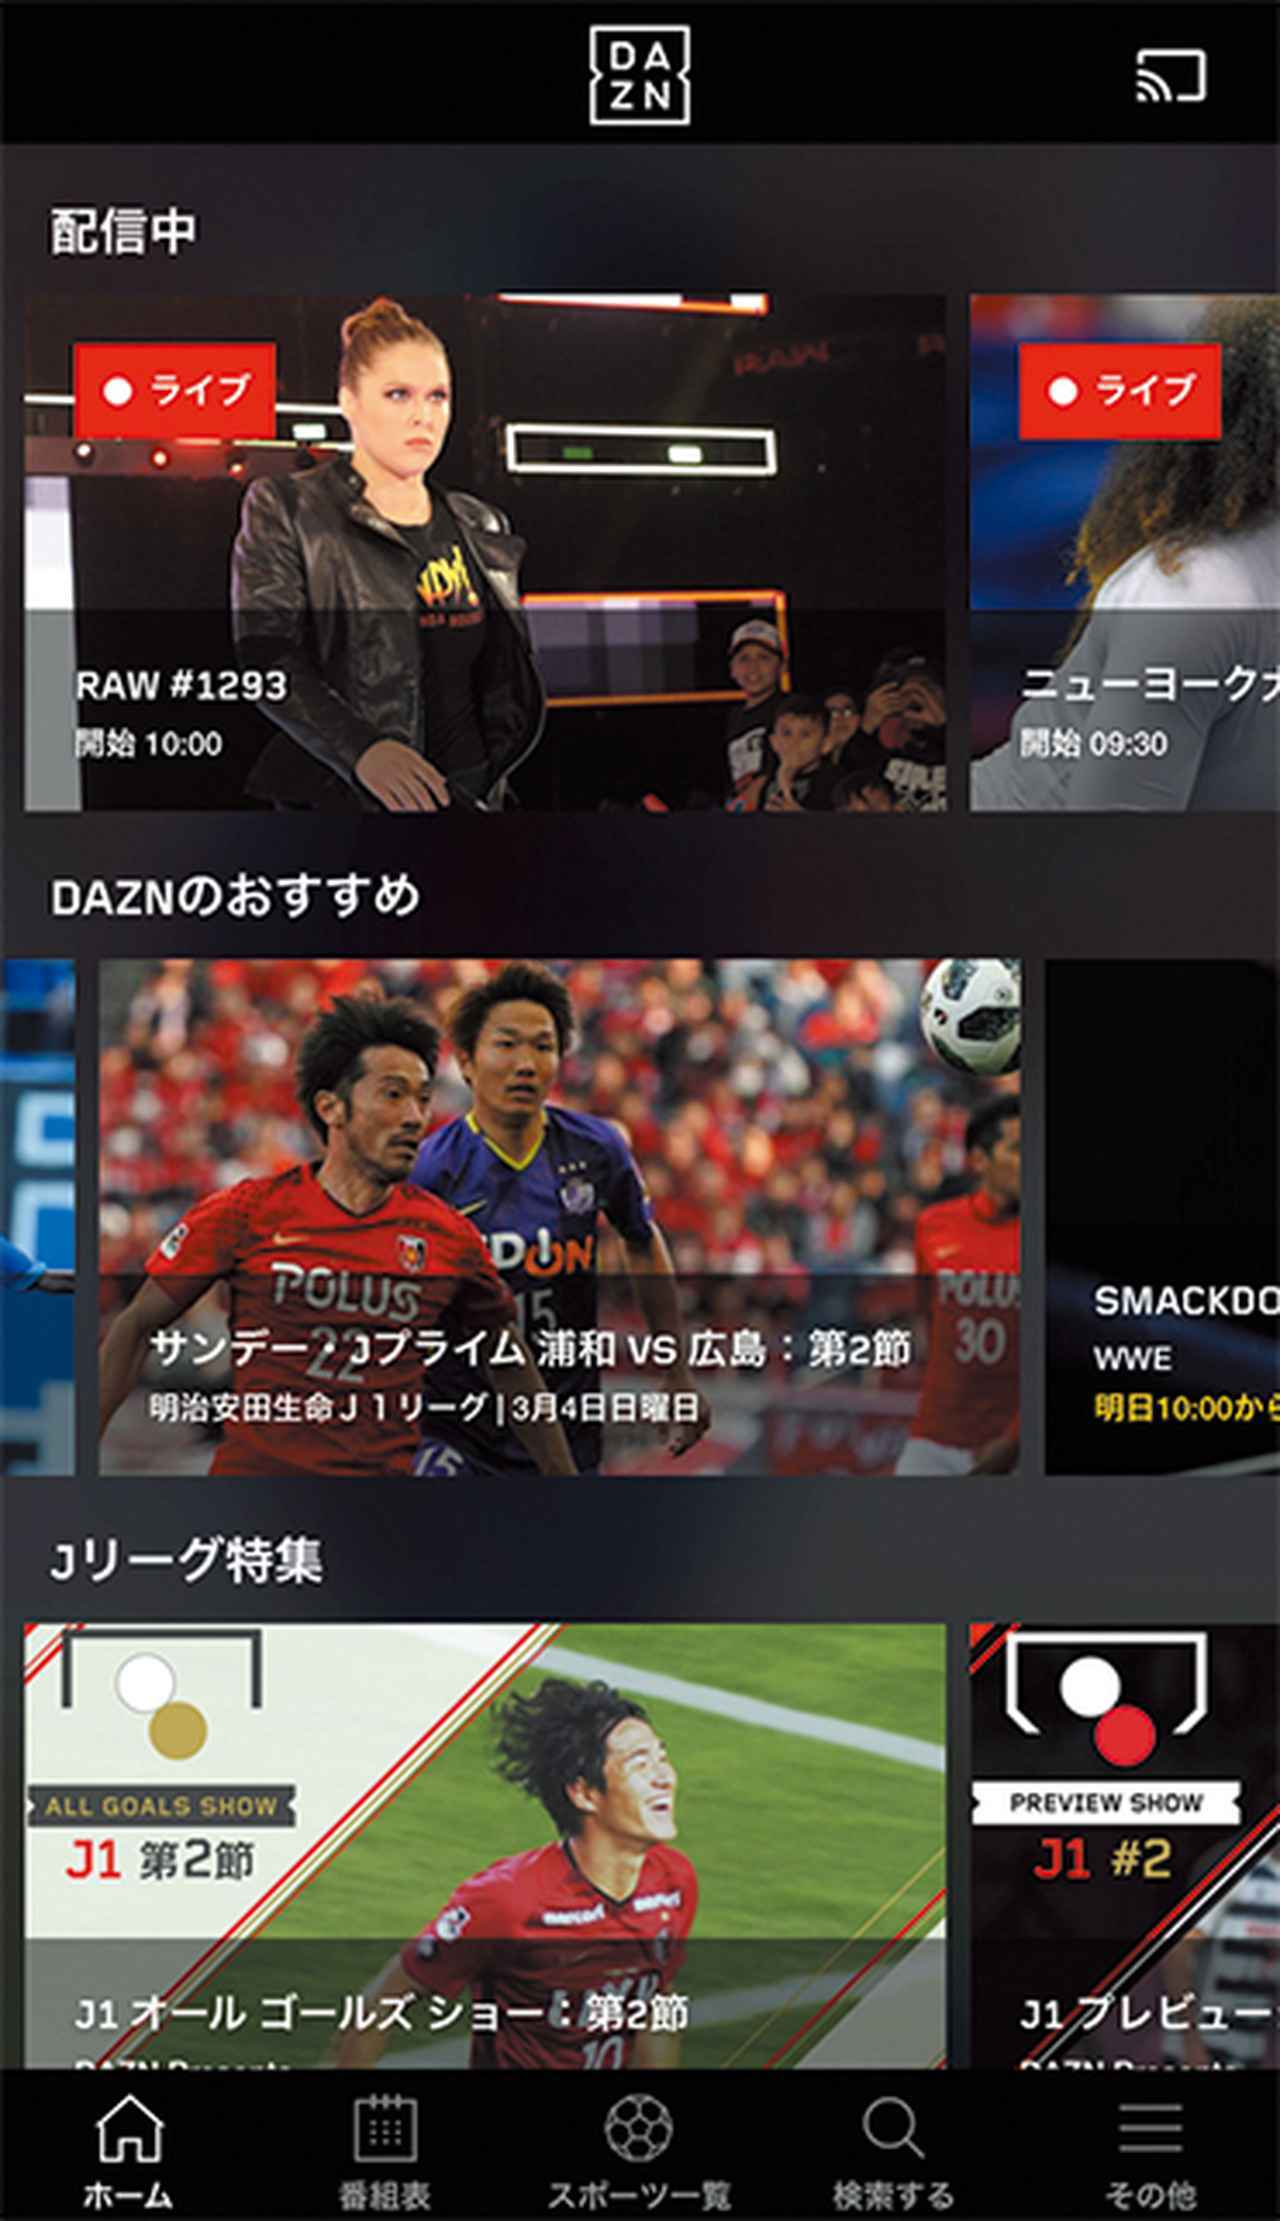 画像: 視聴可能な端末は、パソコンやスマホ、タブレットはもちろん、ソニーやパナソニック、LG、東芝のスマートテレビ、PlayStationⓇ 4やXbox Oneなどのゲーム機、Amazon Fire TV、Apple TV、Google Chromecastなど、多彩。決済手段はクレジットカード以外に、コンビニで購入できるプリペイド式の「DAZNチケット」も用意されている。